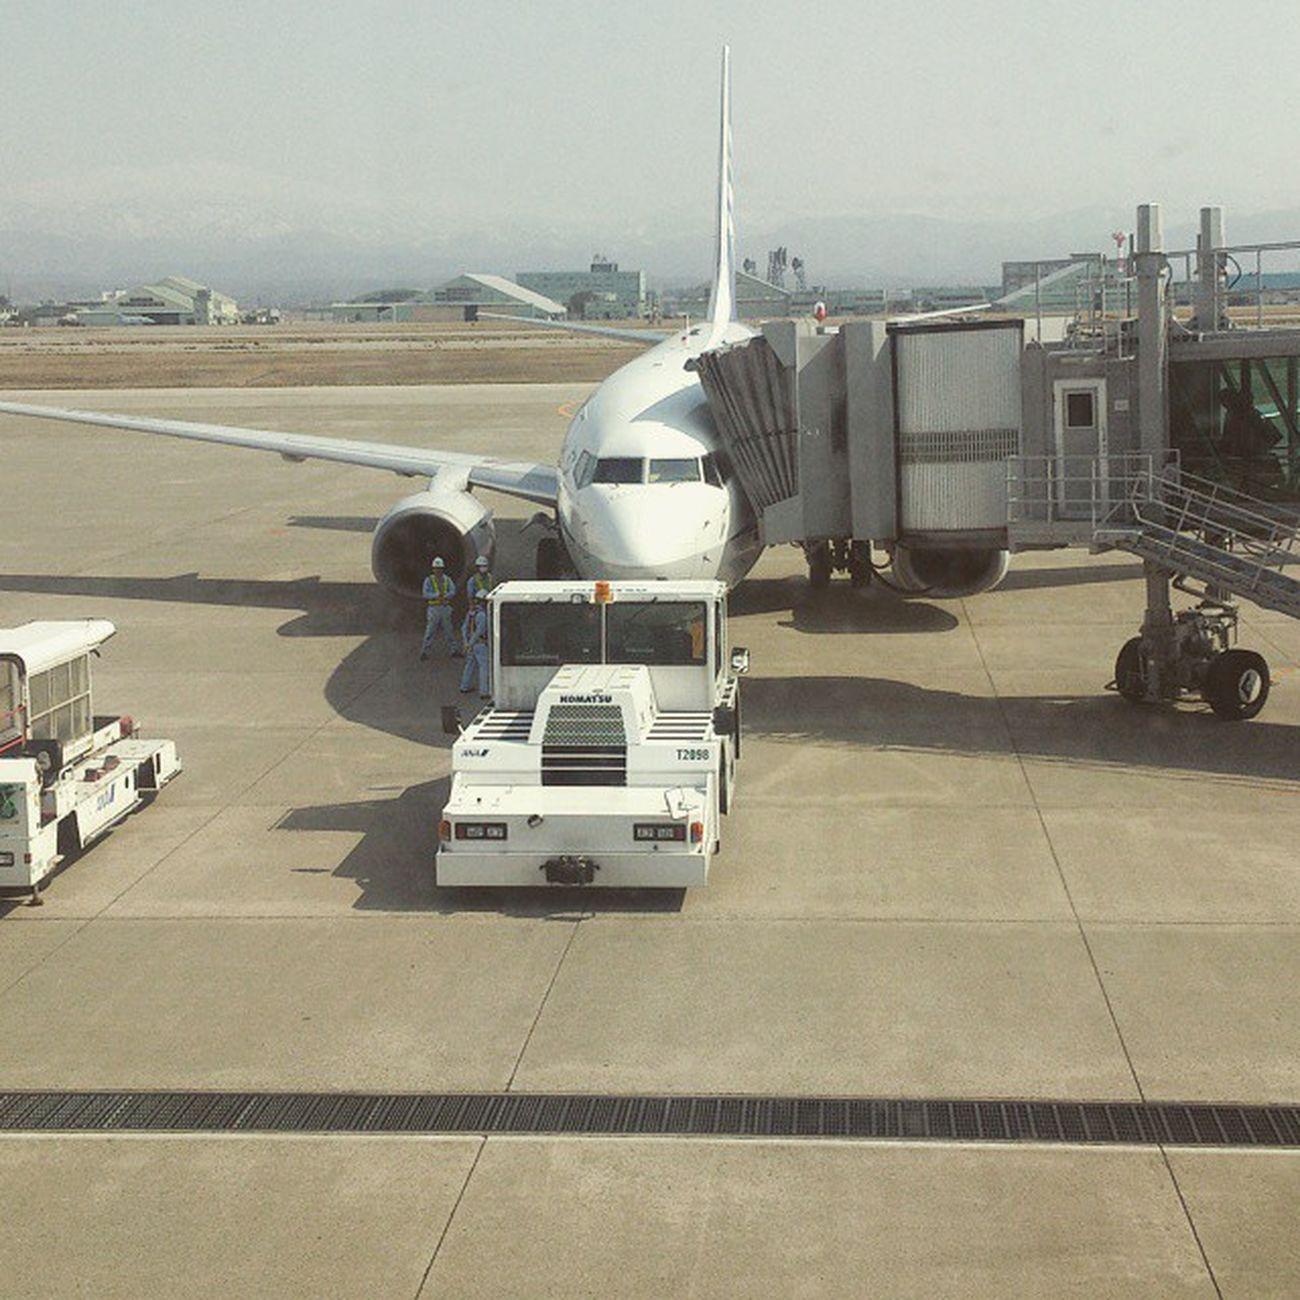 小型化したから機内狭い...。 もっと広々座りたいの...。( じゃあプレエコ乗れや ) Komatsu Ana Airport 小松空港 全日空 flight あ、ケータイ替えたらInstagramの投稿復活しました。